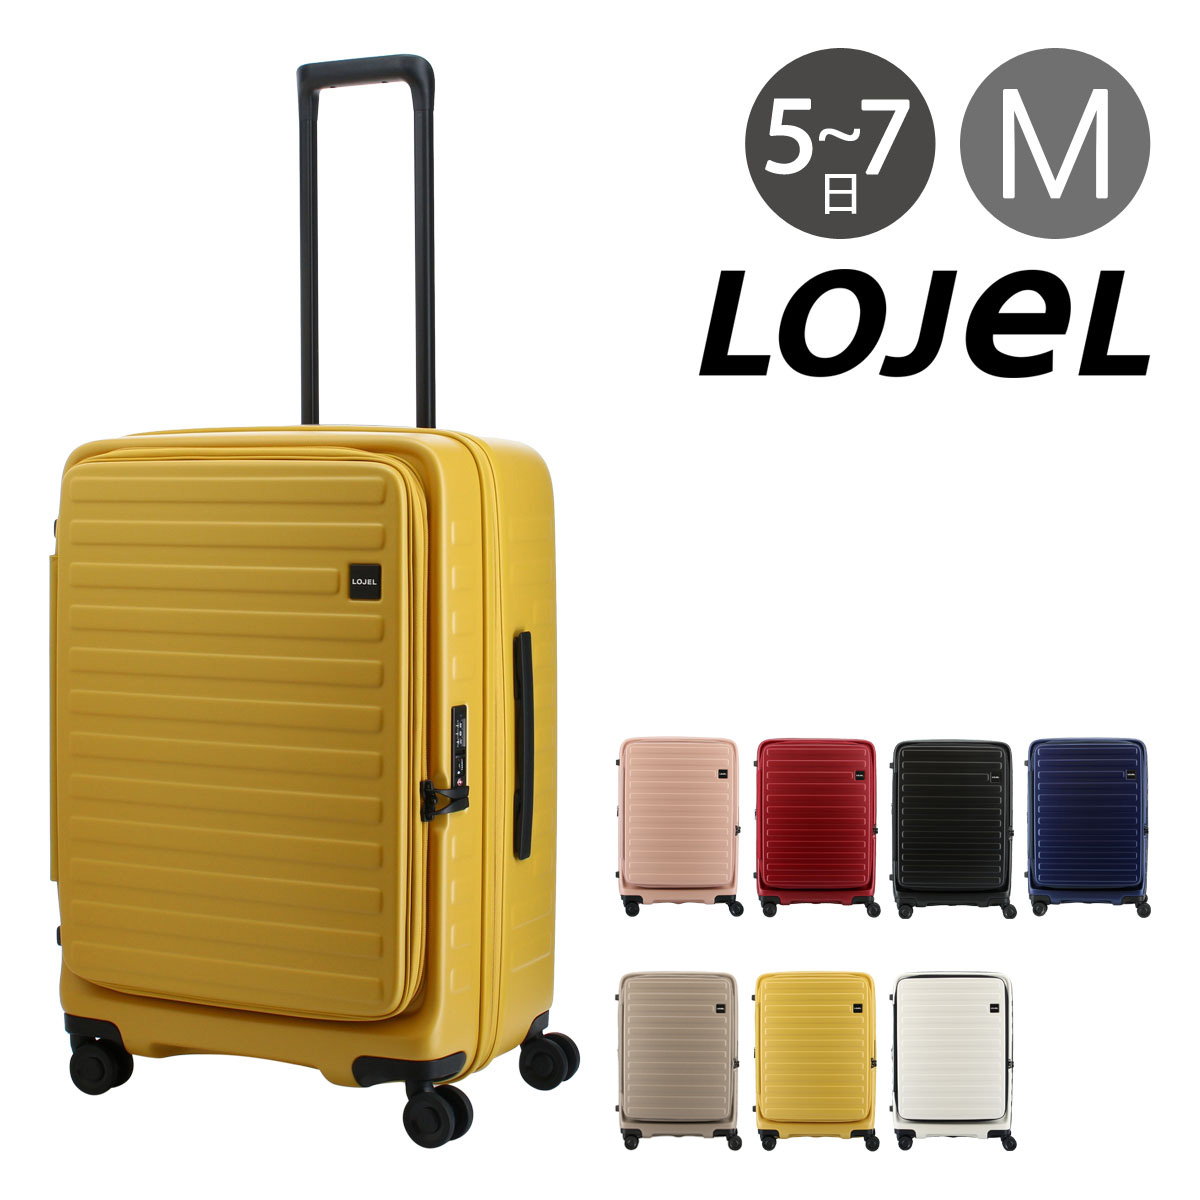 ロジェール LOJEL スーツケース CUBO-M 62cm キャリーケース キャリーバッグ ビジネスキャリー 拡張機能 エキスパンダブル 双輪キャスター TSAロック搭載[PO10][bef]